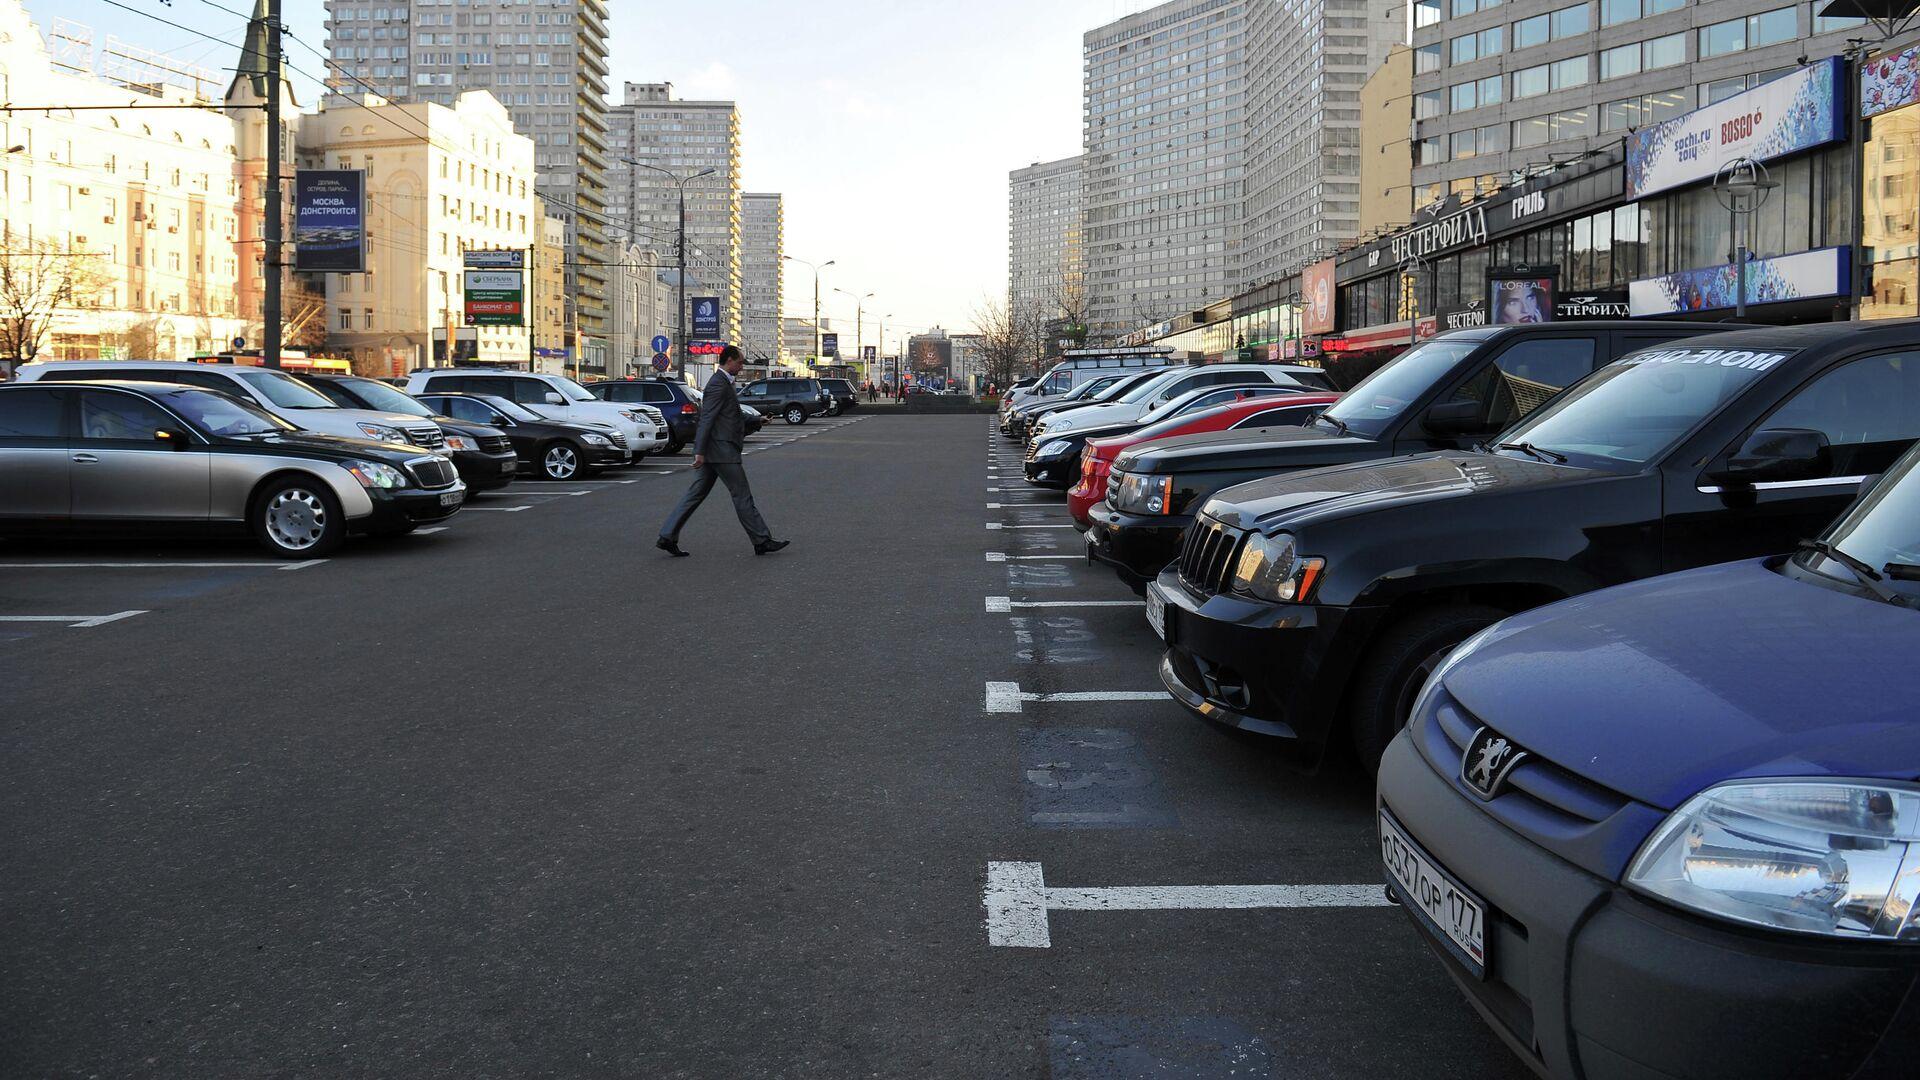 Открытие комплекса парковок на Новом Арбате - РИА Новости, 1920, 25.08.2020